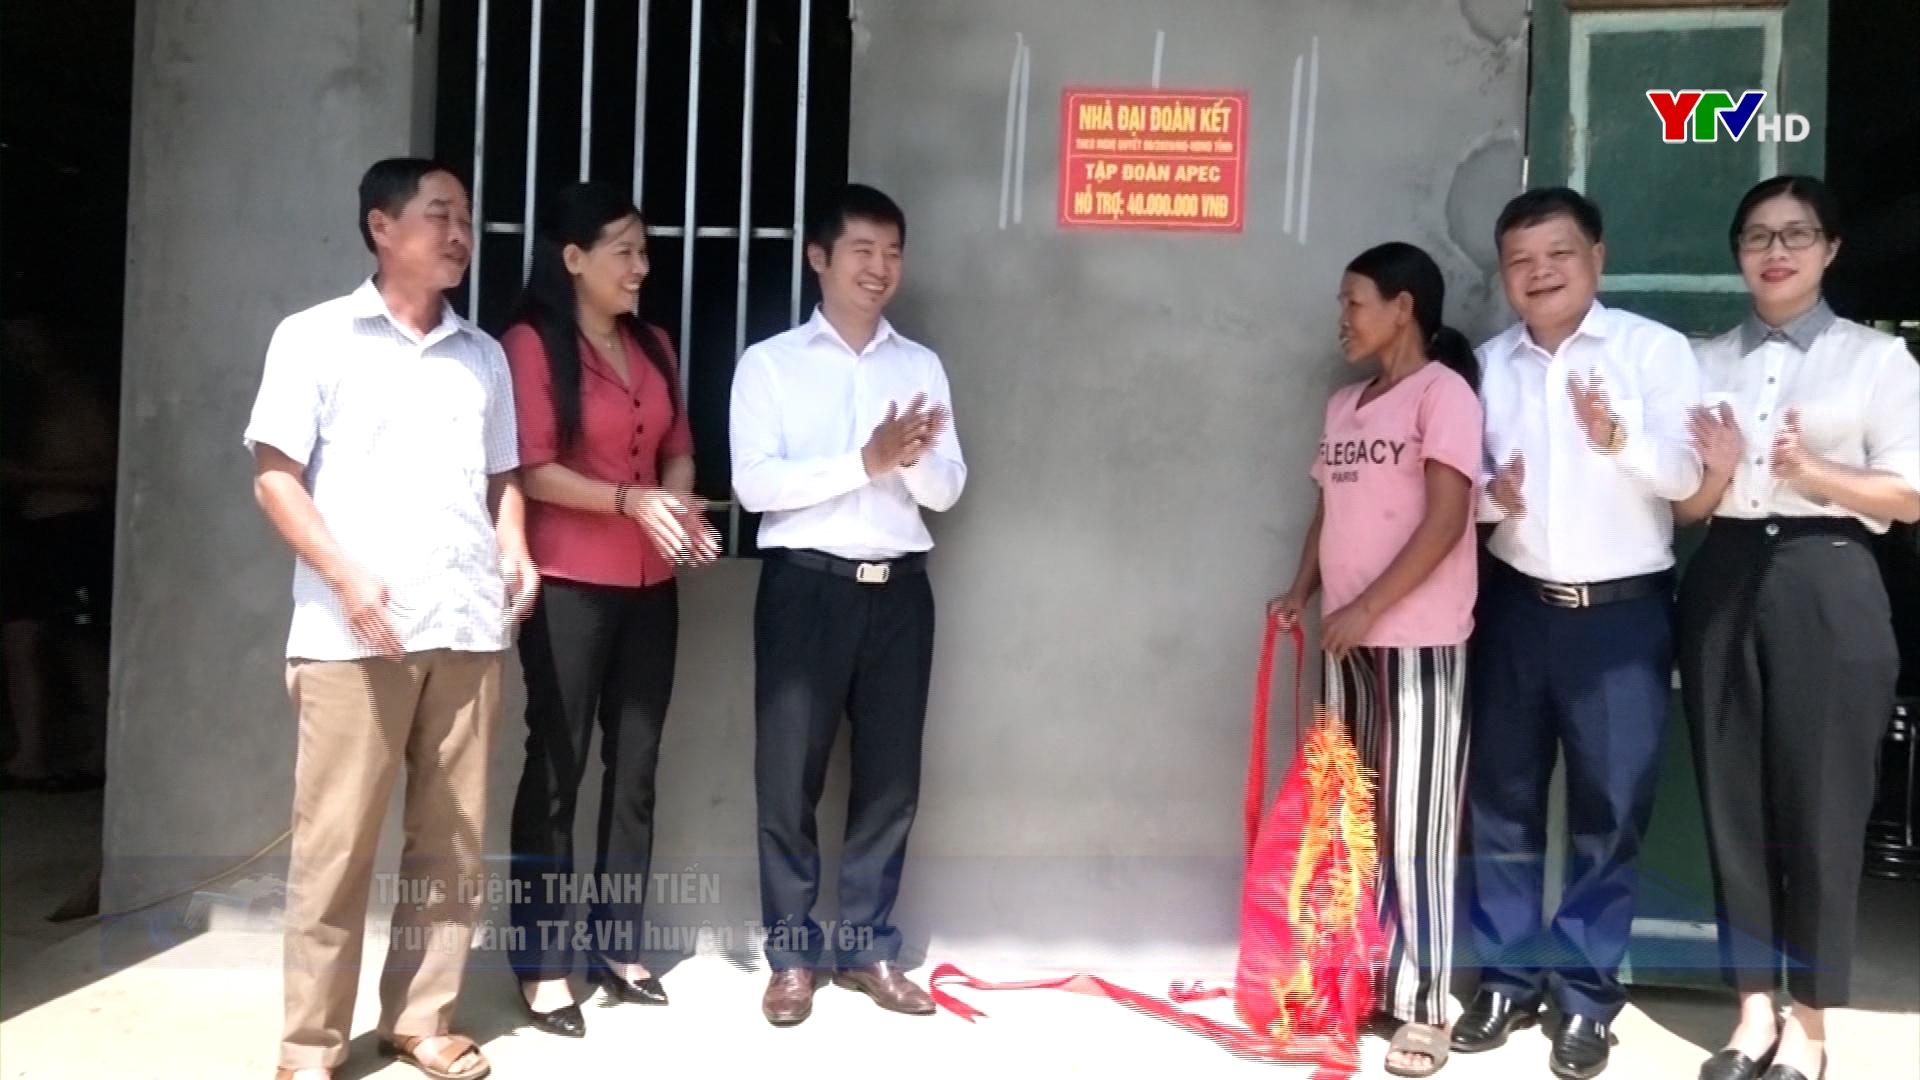 Tập đoàn APEC gắn biển 10 ngôi nhà đại đoàn kết tại huyện Trấn Yên